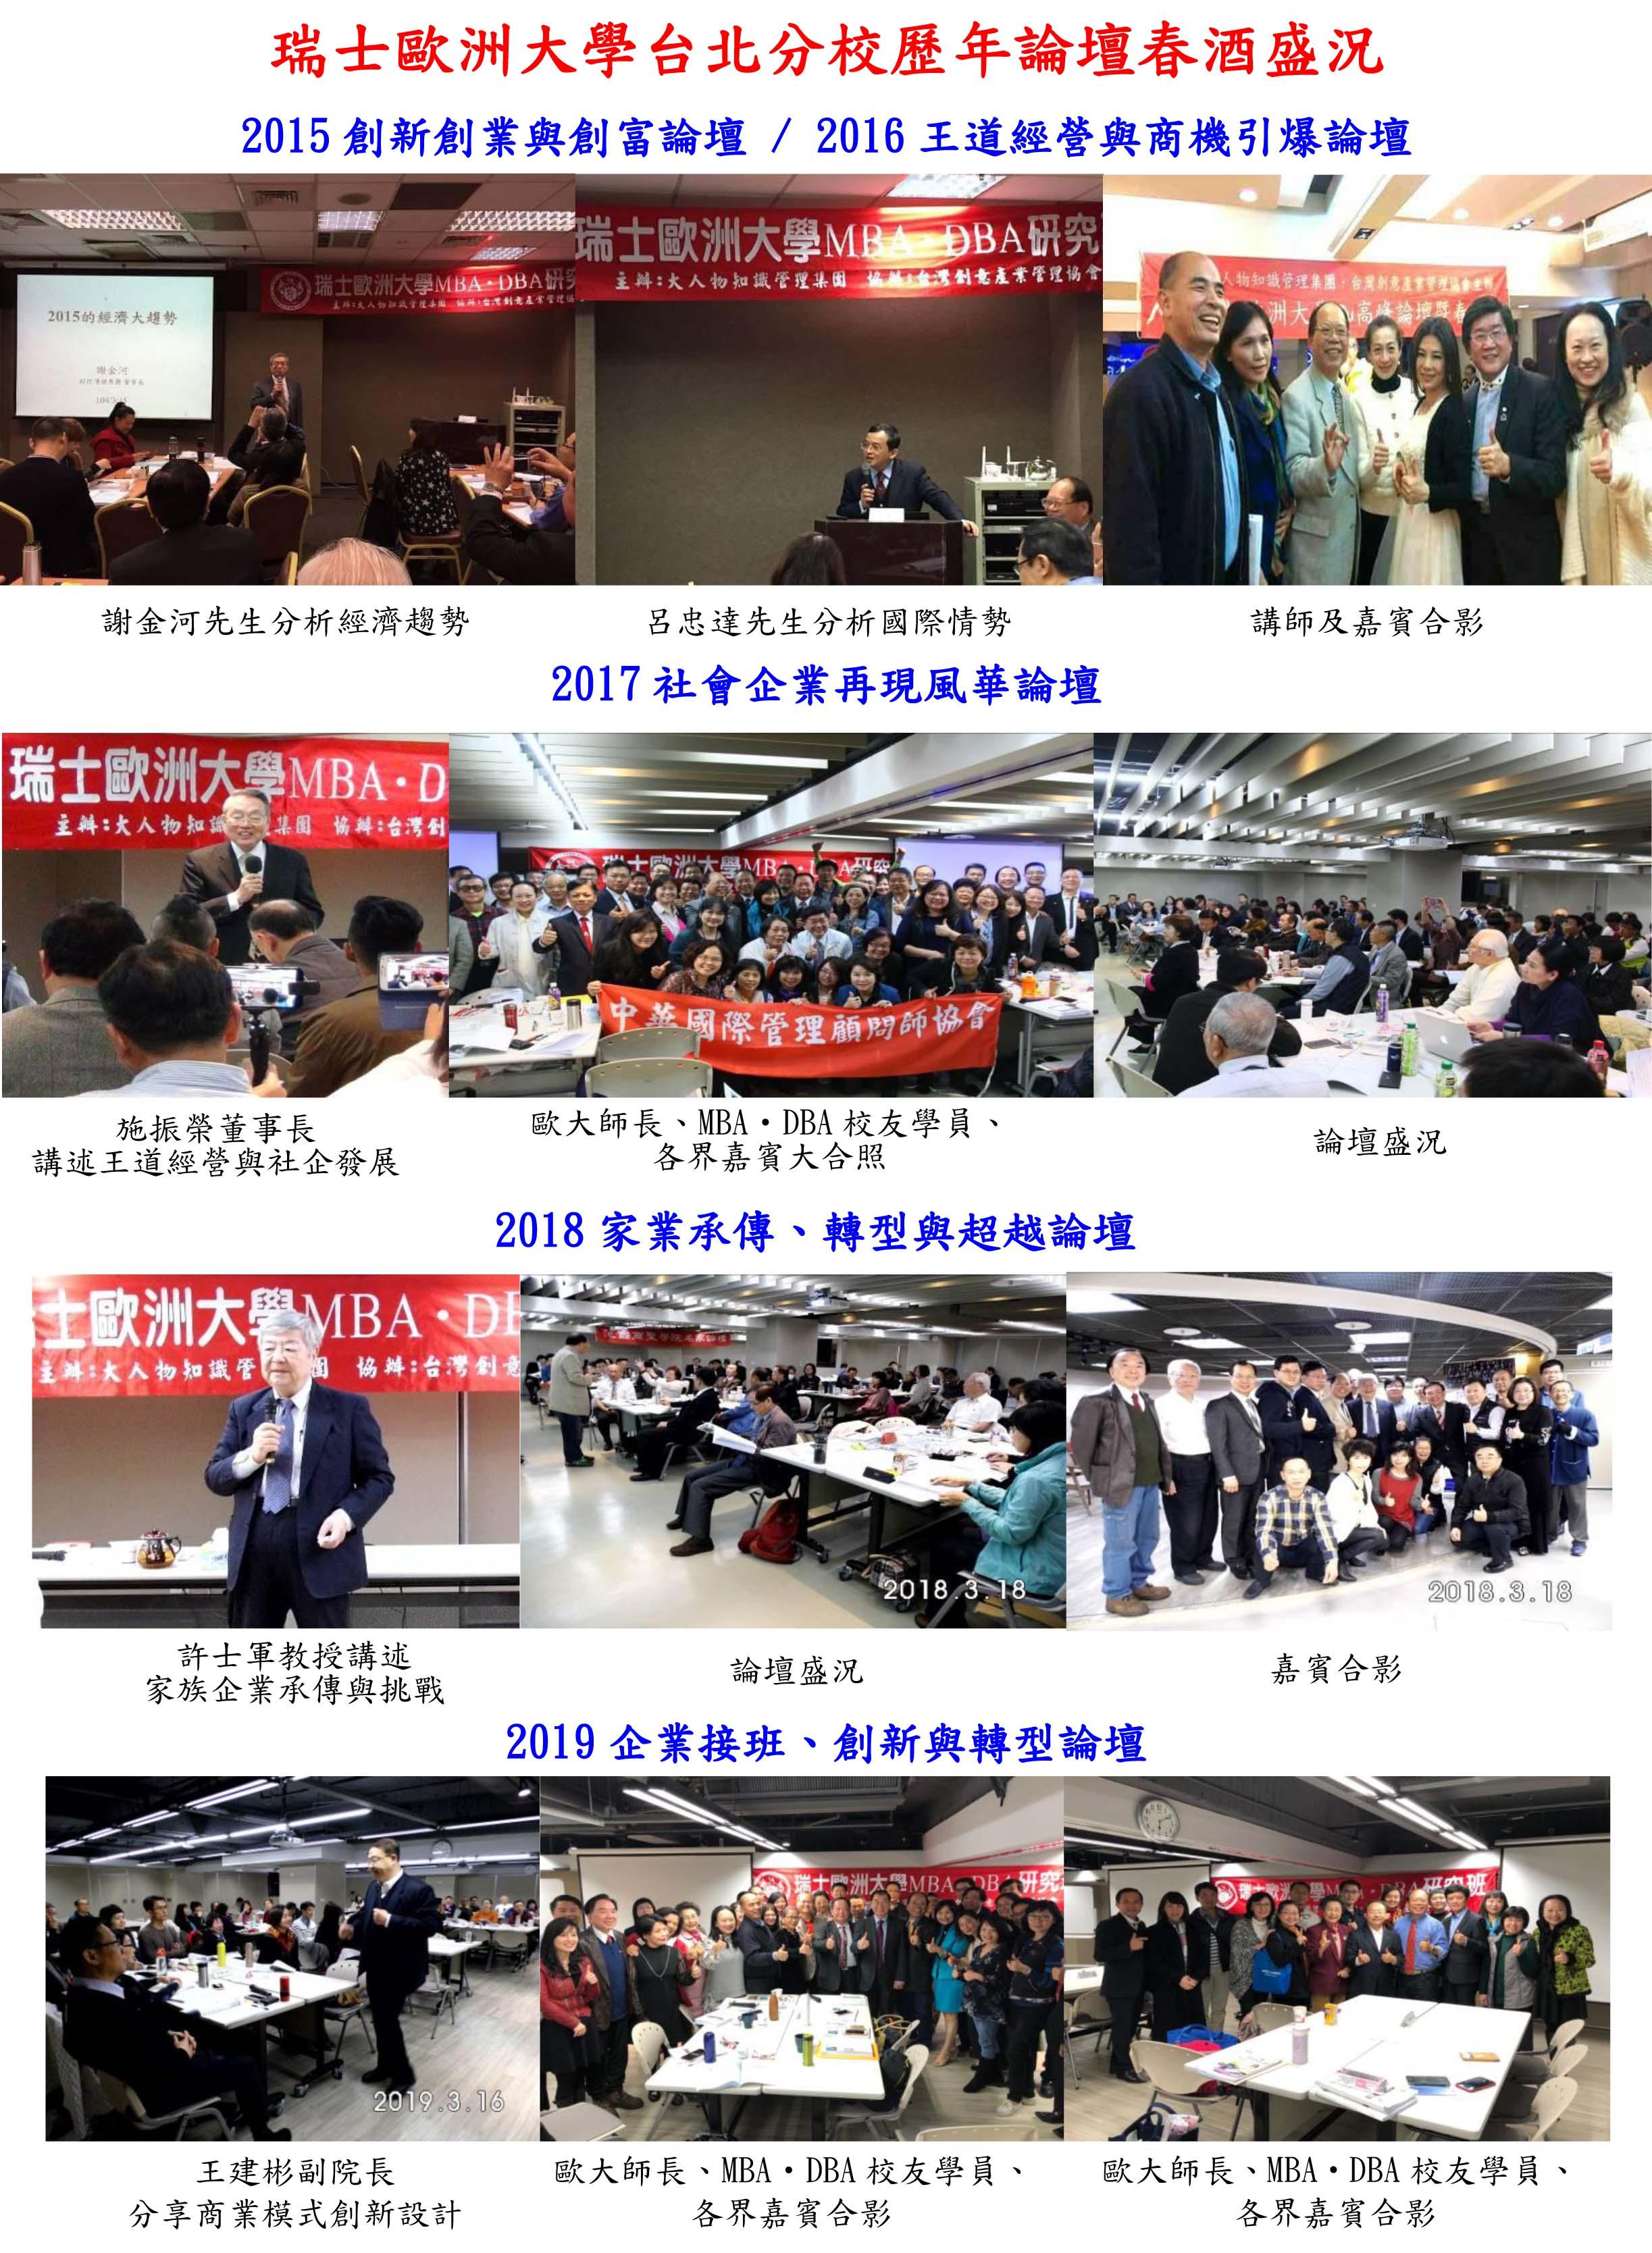 5 論壇2015-2019論壇年會照片1.jpg